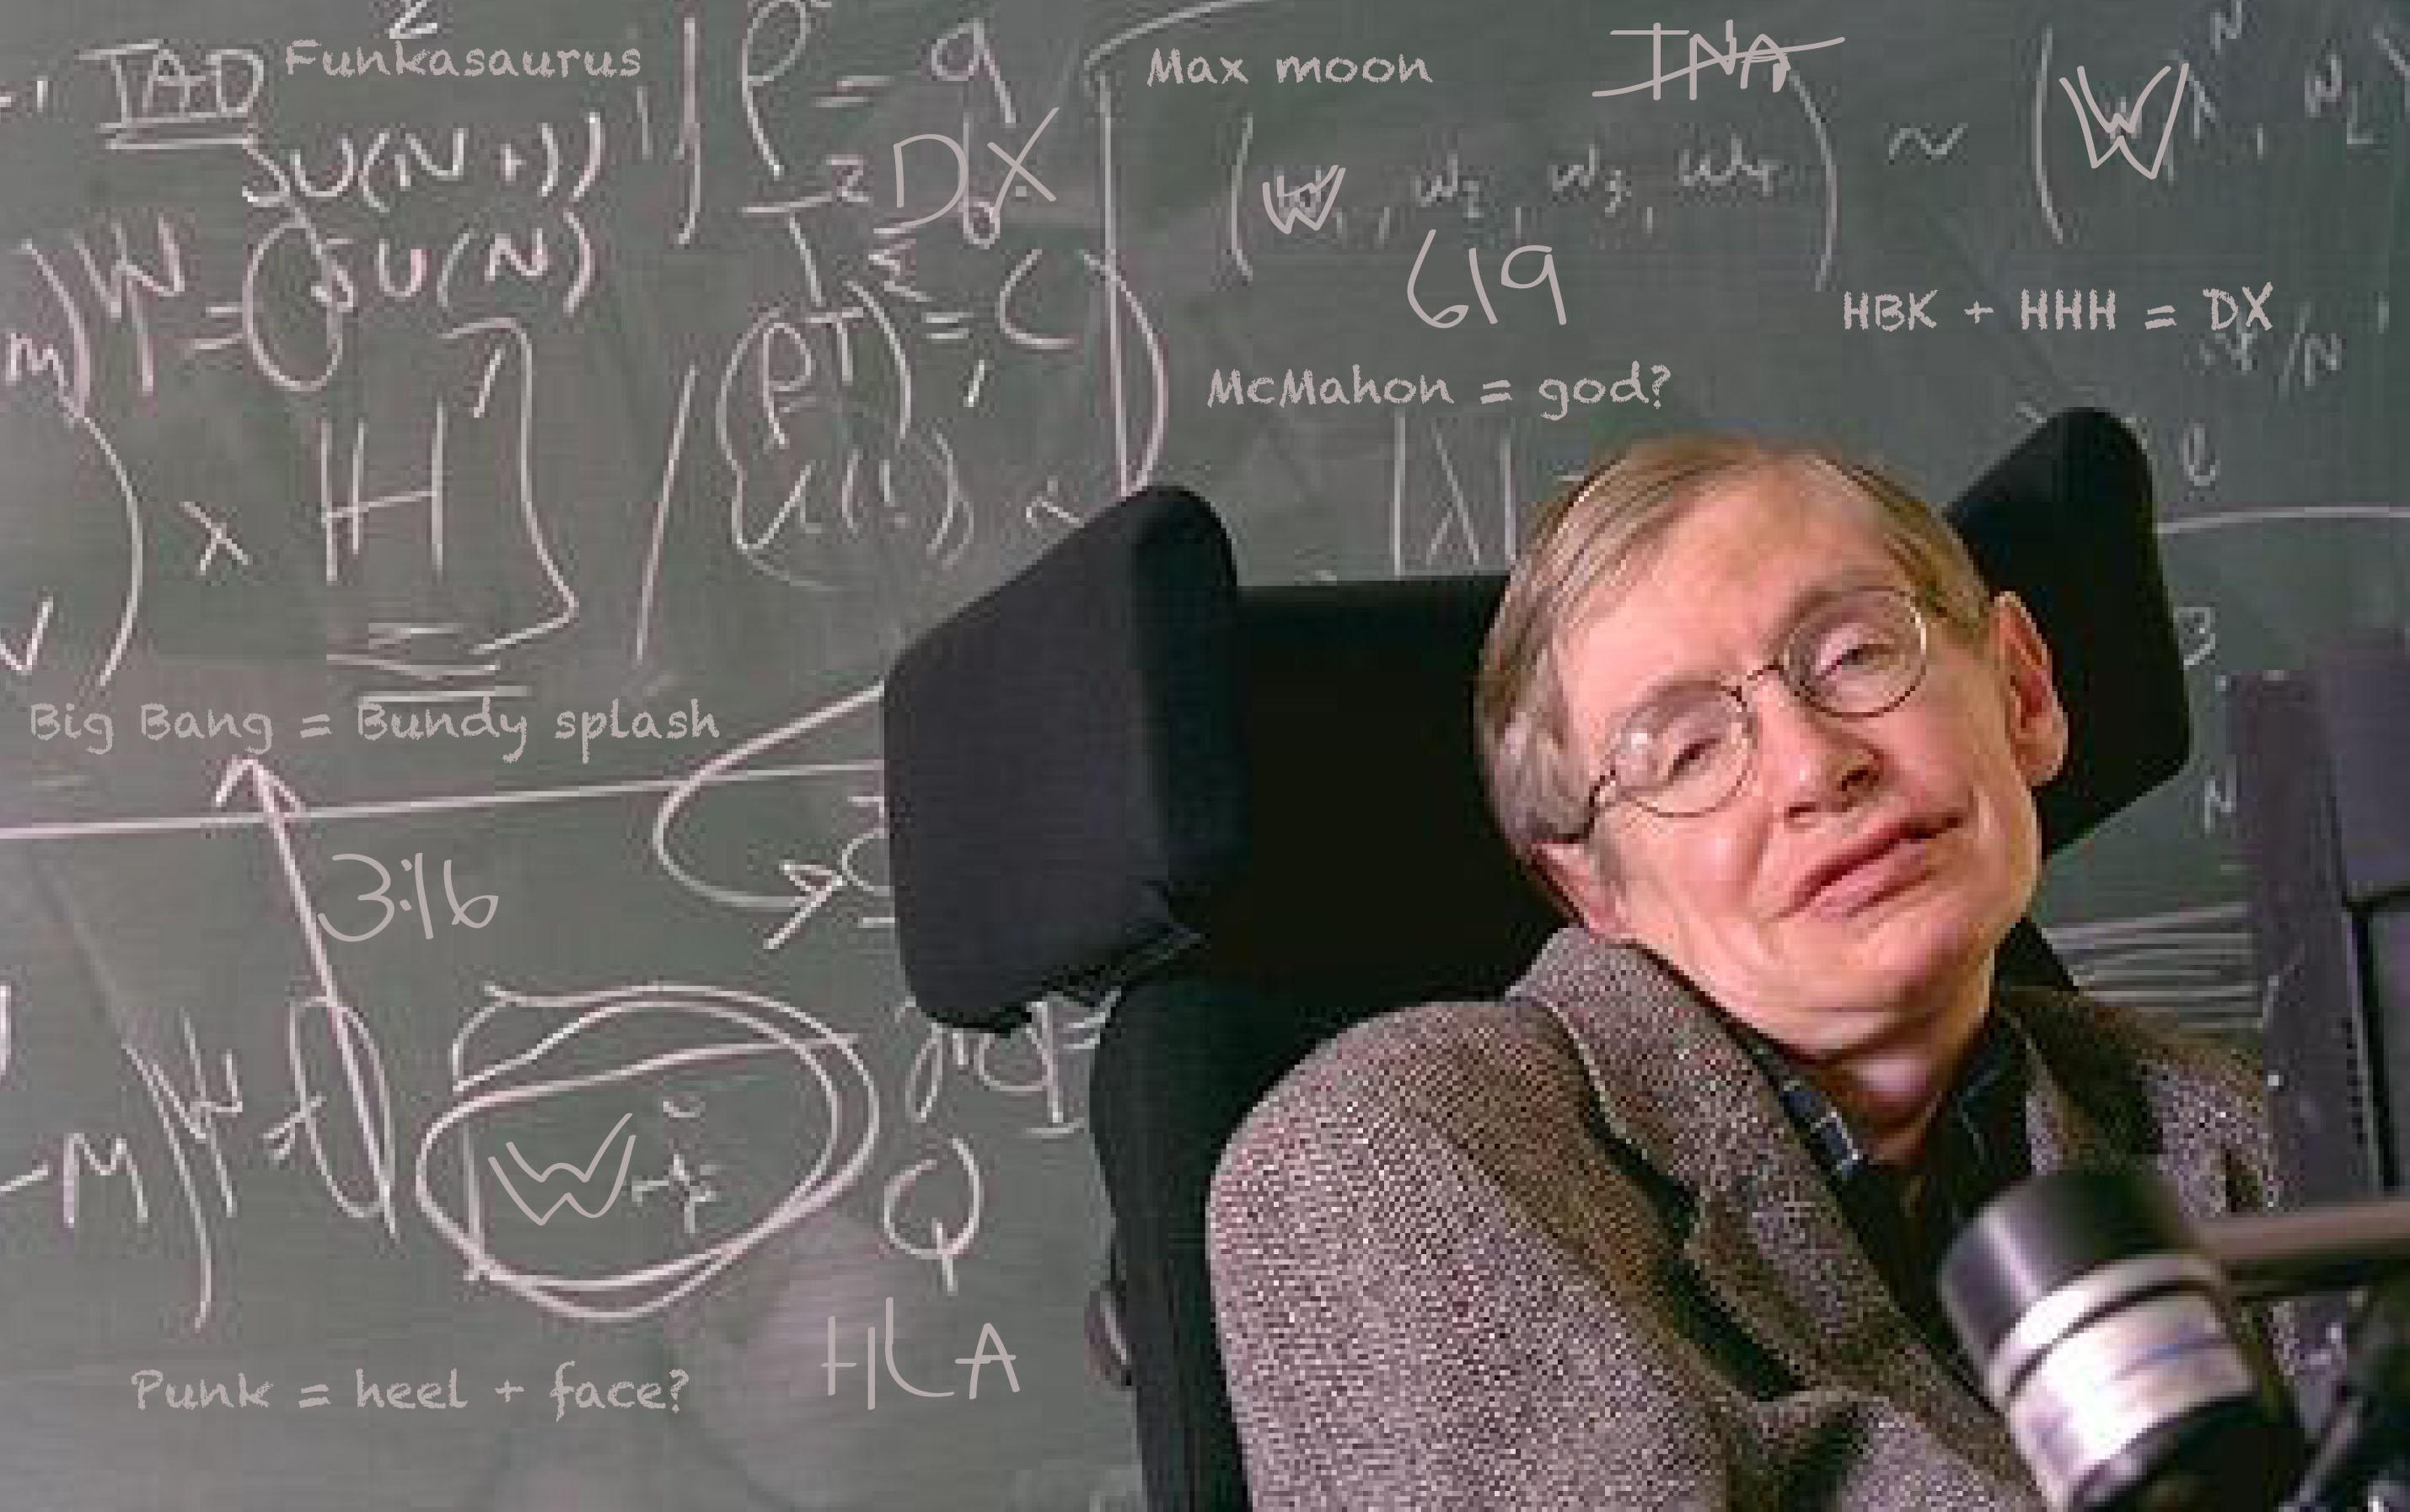 Στίβεν Χόκινγκ προειδοποιεί: Η τεχνητή νοημοσύνη θα εξαφανίσει την ανθρωπότητα